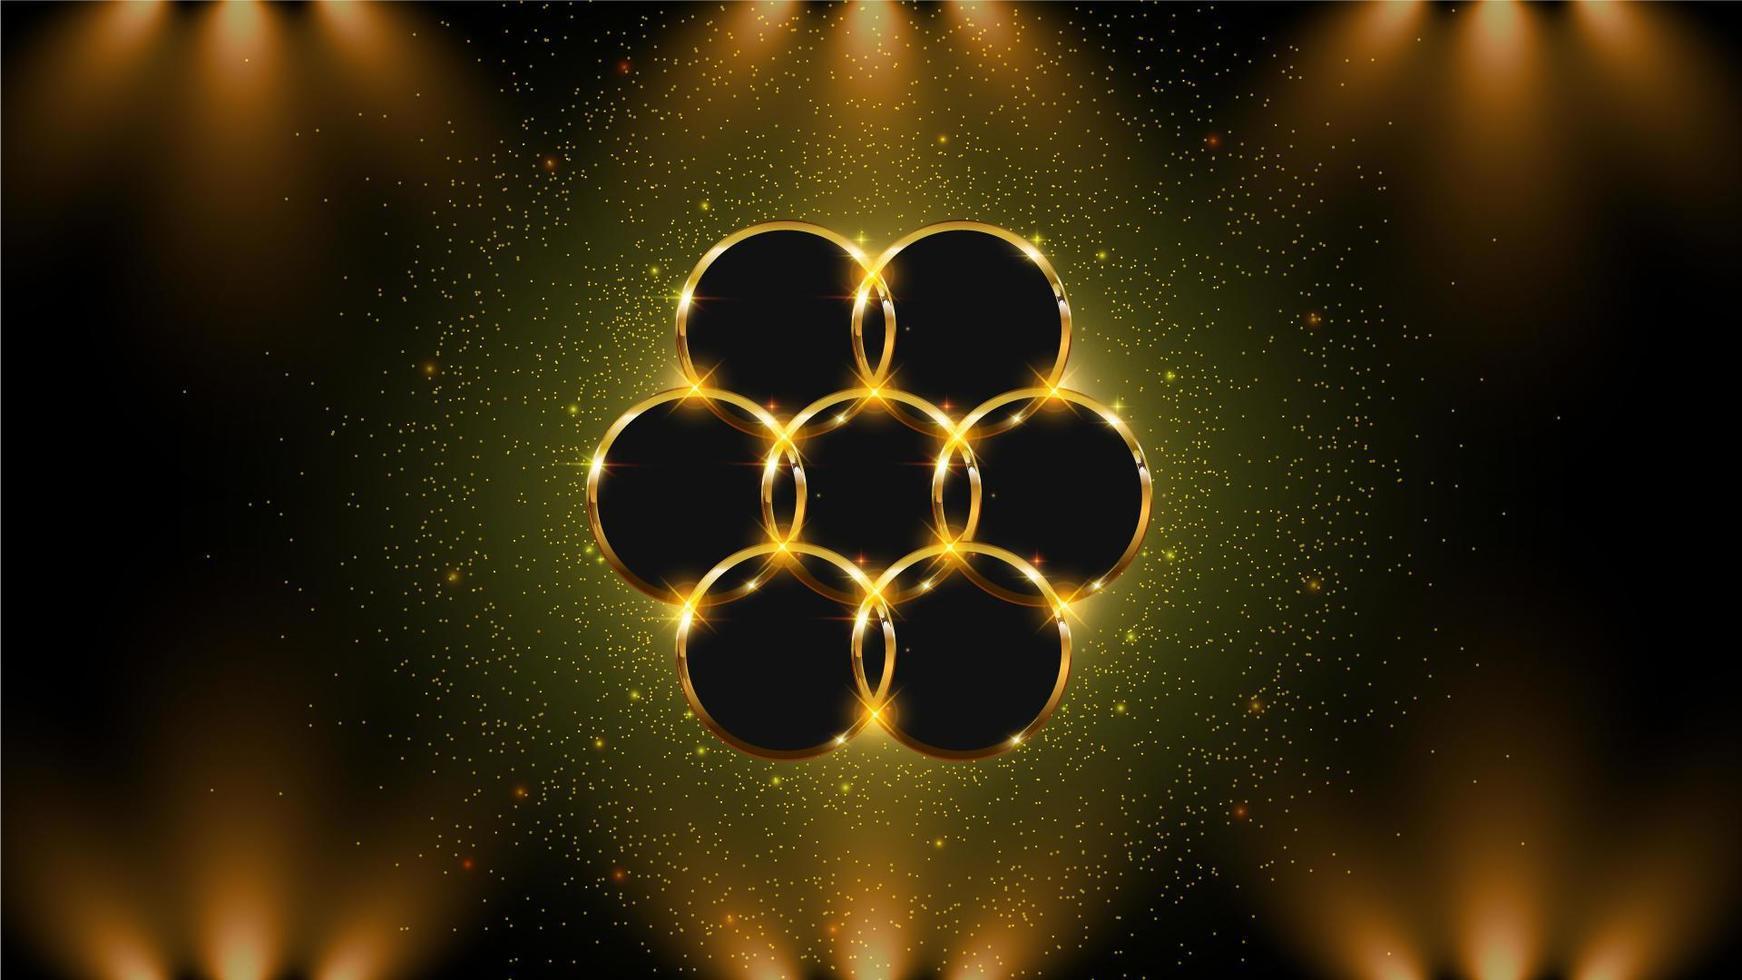 sfondo cerchio dorato con luci vettore